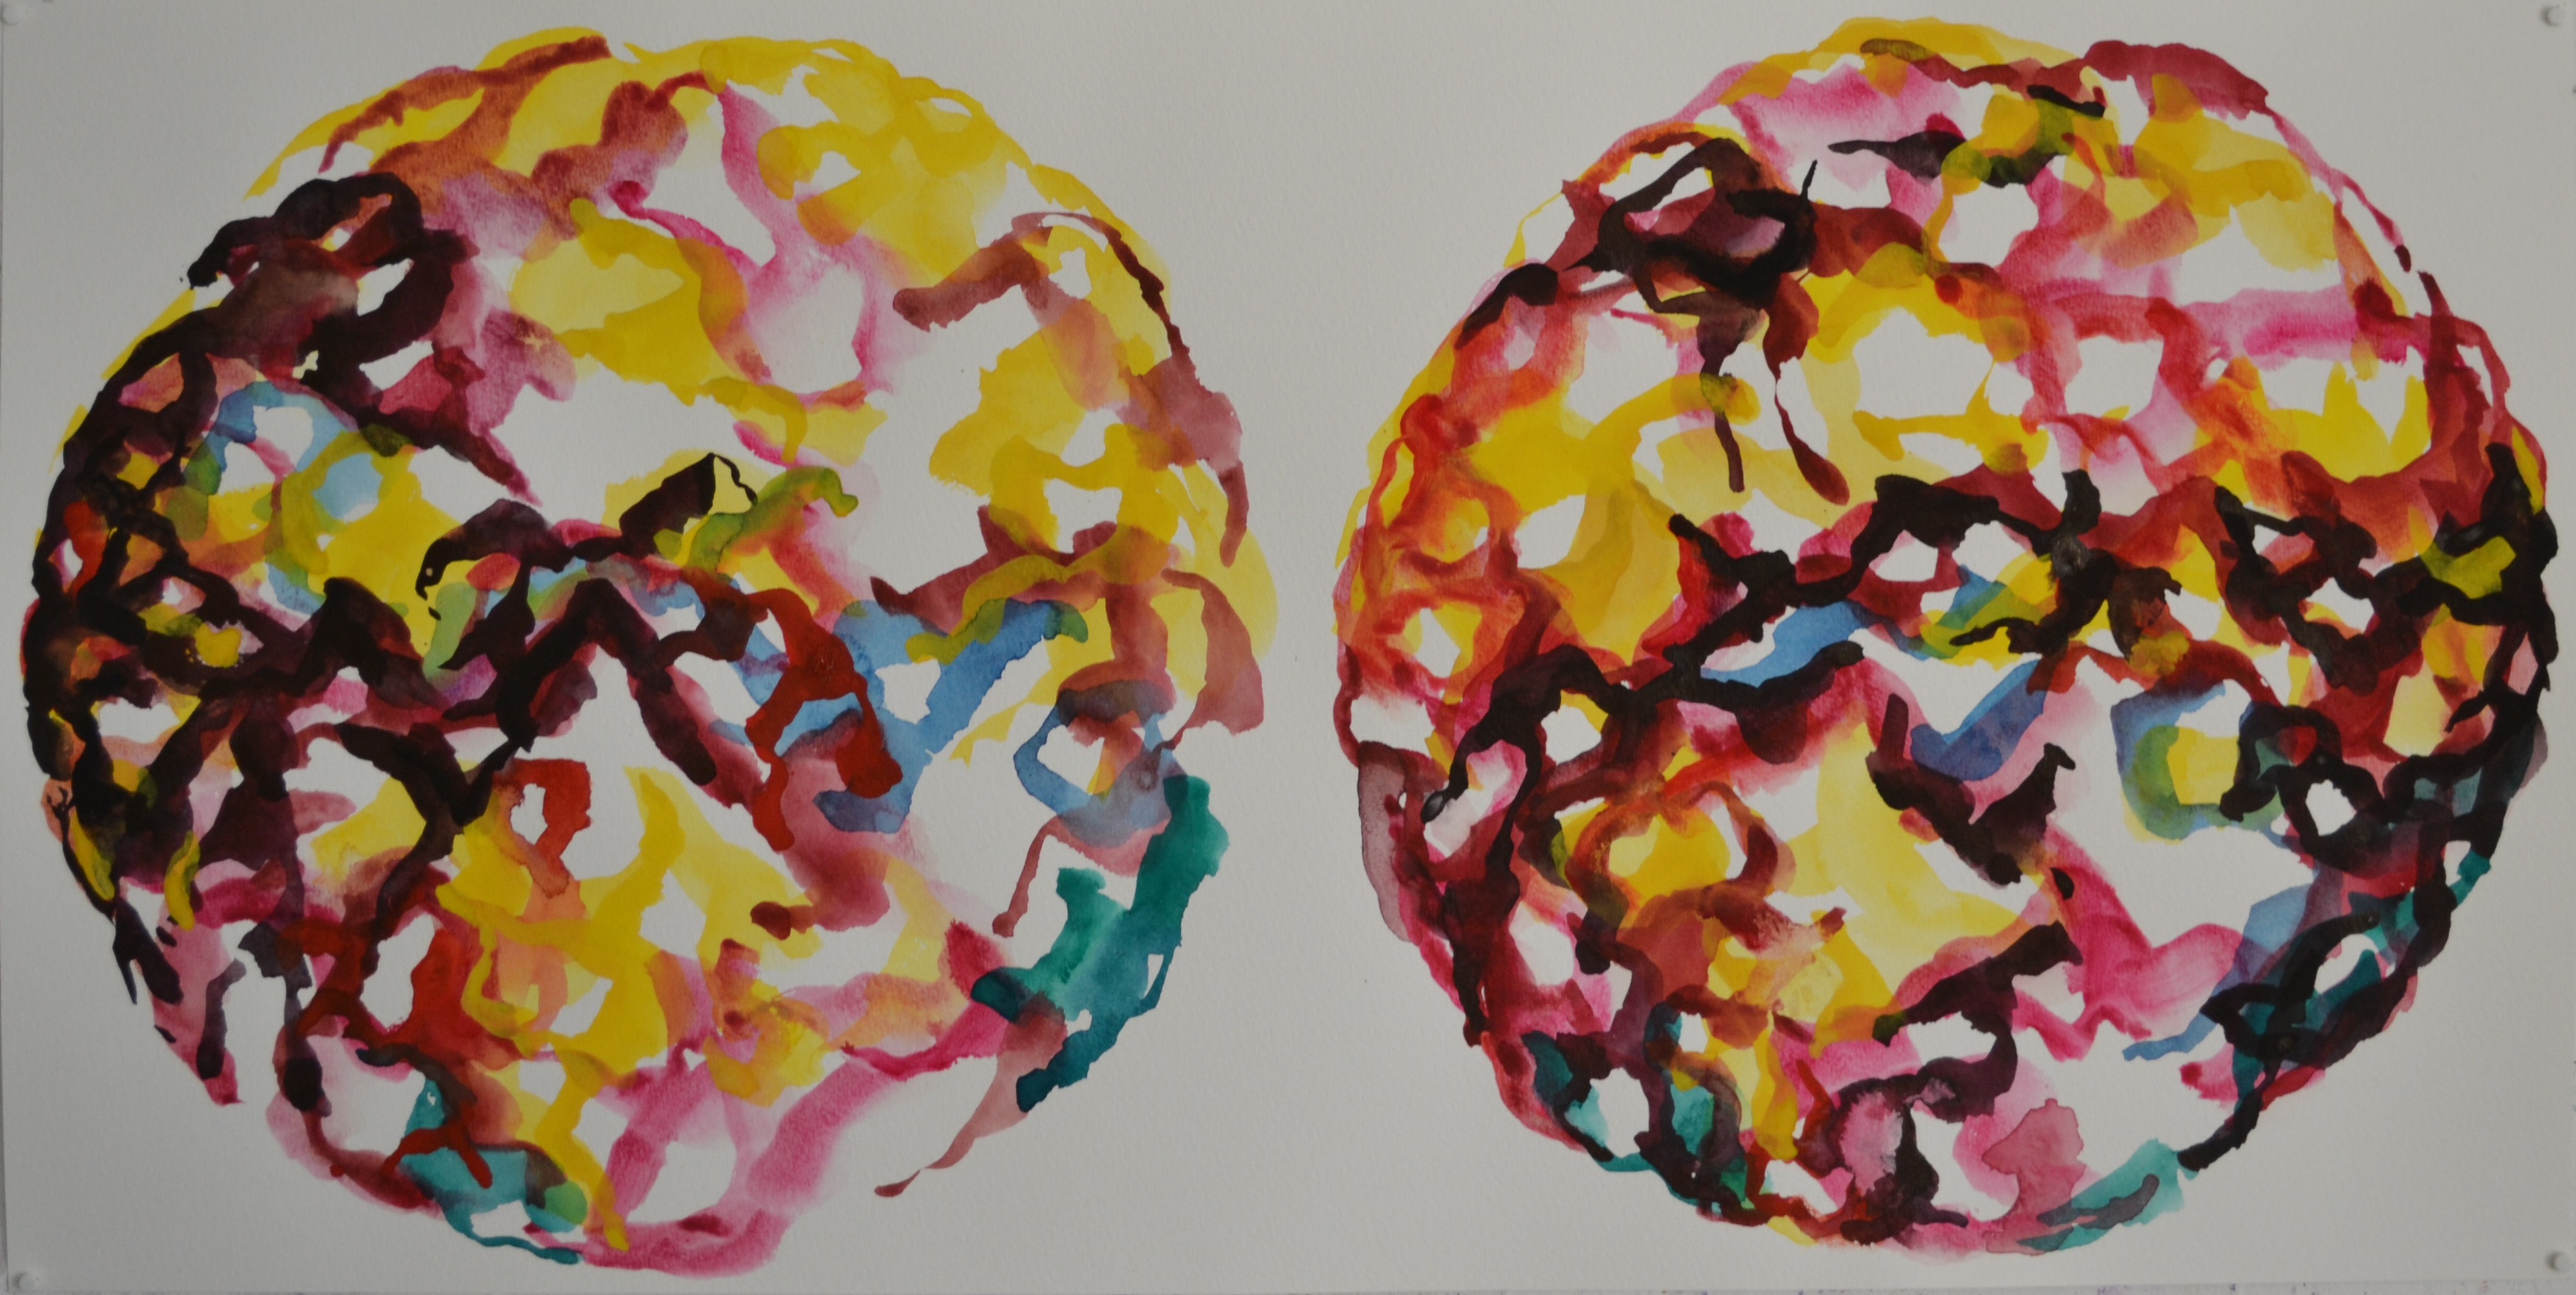 Mappemonde Peinture, gouache sur papier, 35 x 70 cm